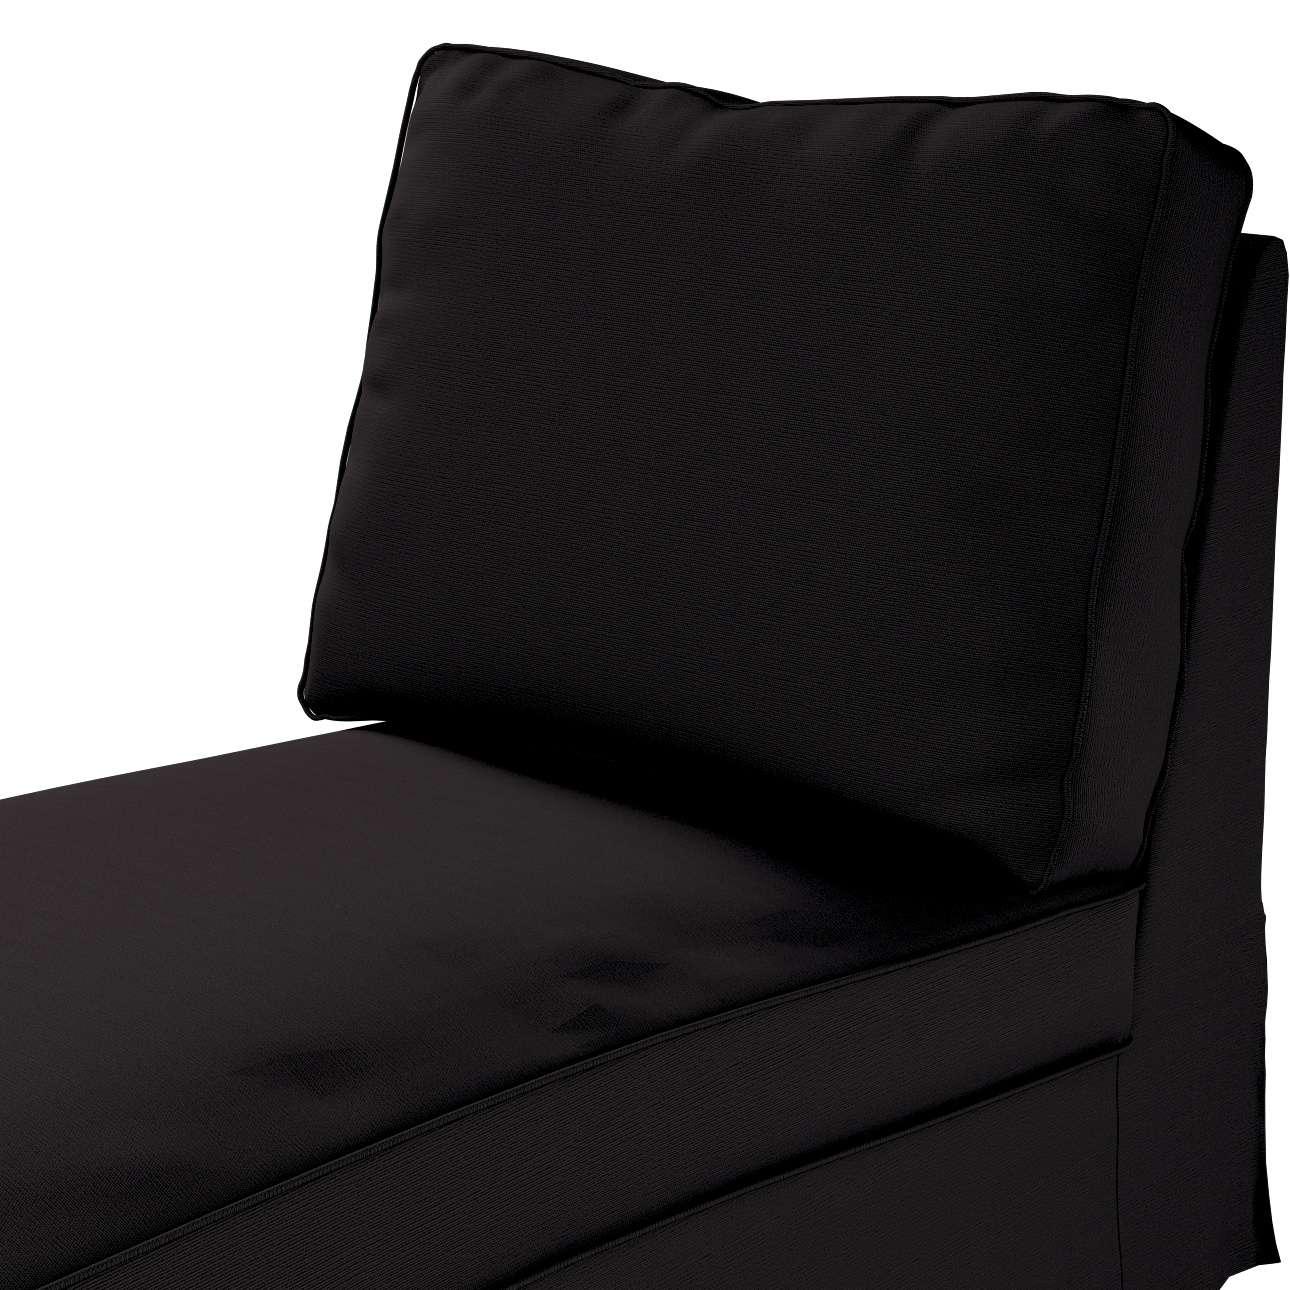 Pokrowiec na szezlong/ leżankę Ektorp wolnostojący prosty tył w kolekcji Cotton Panama, tkanina: 702-08